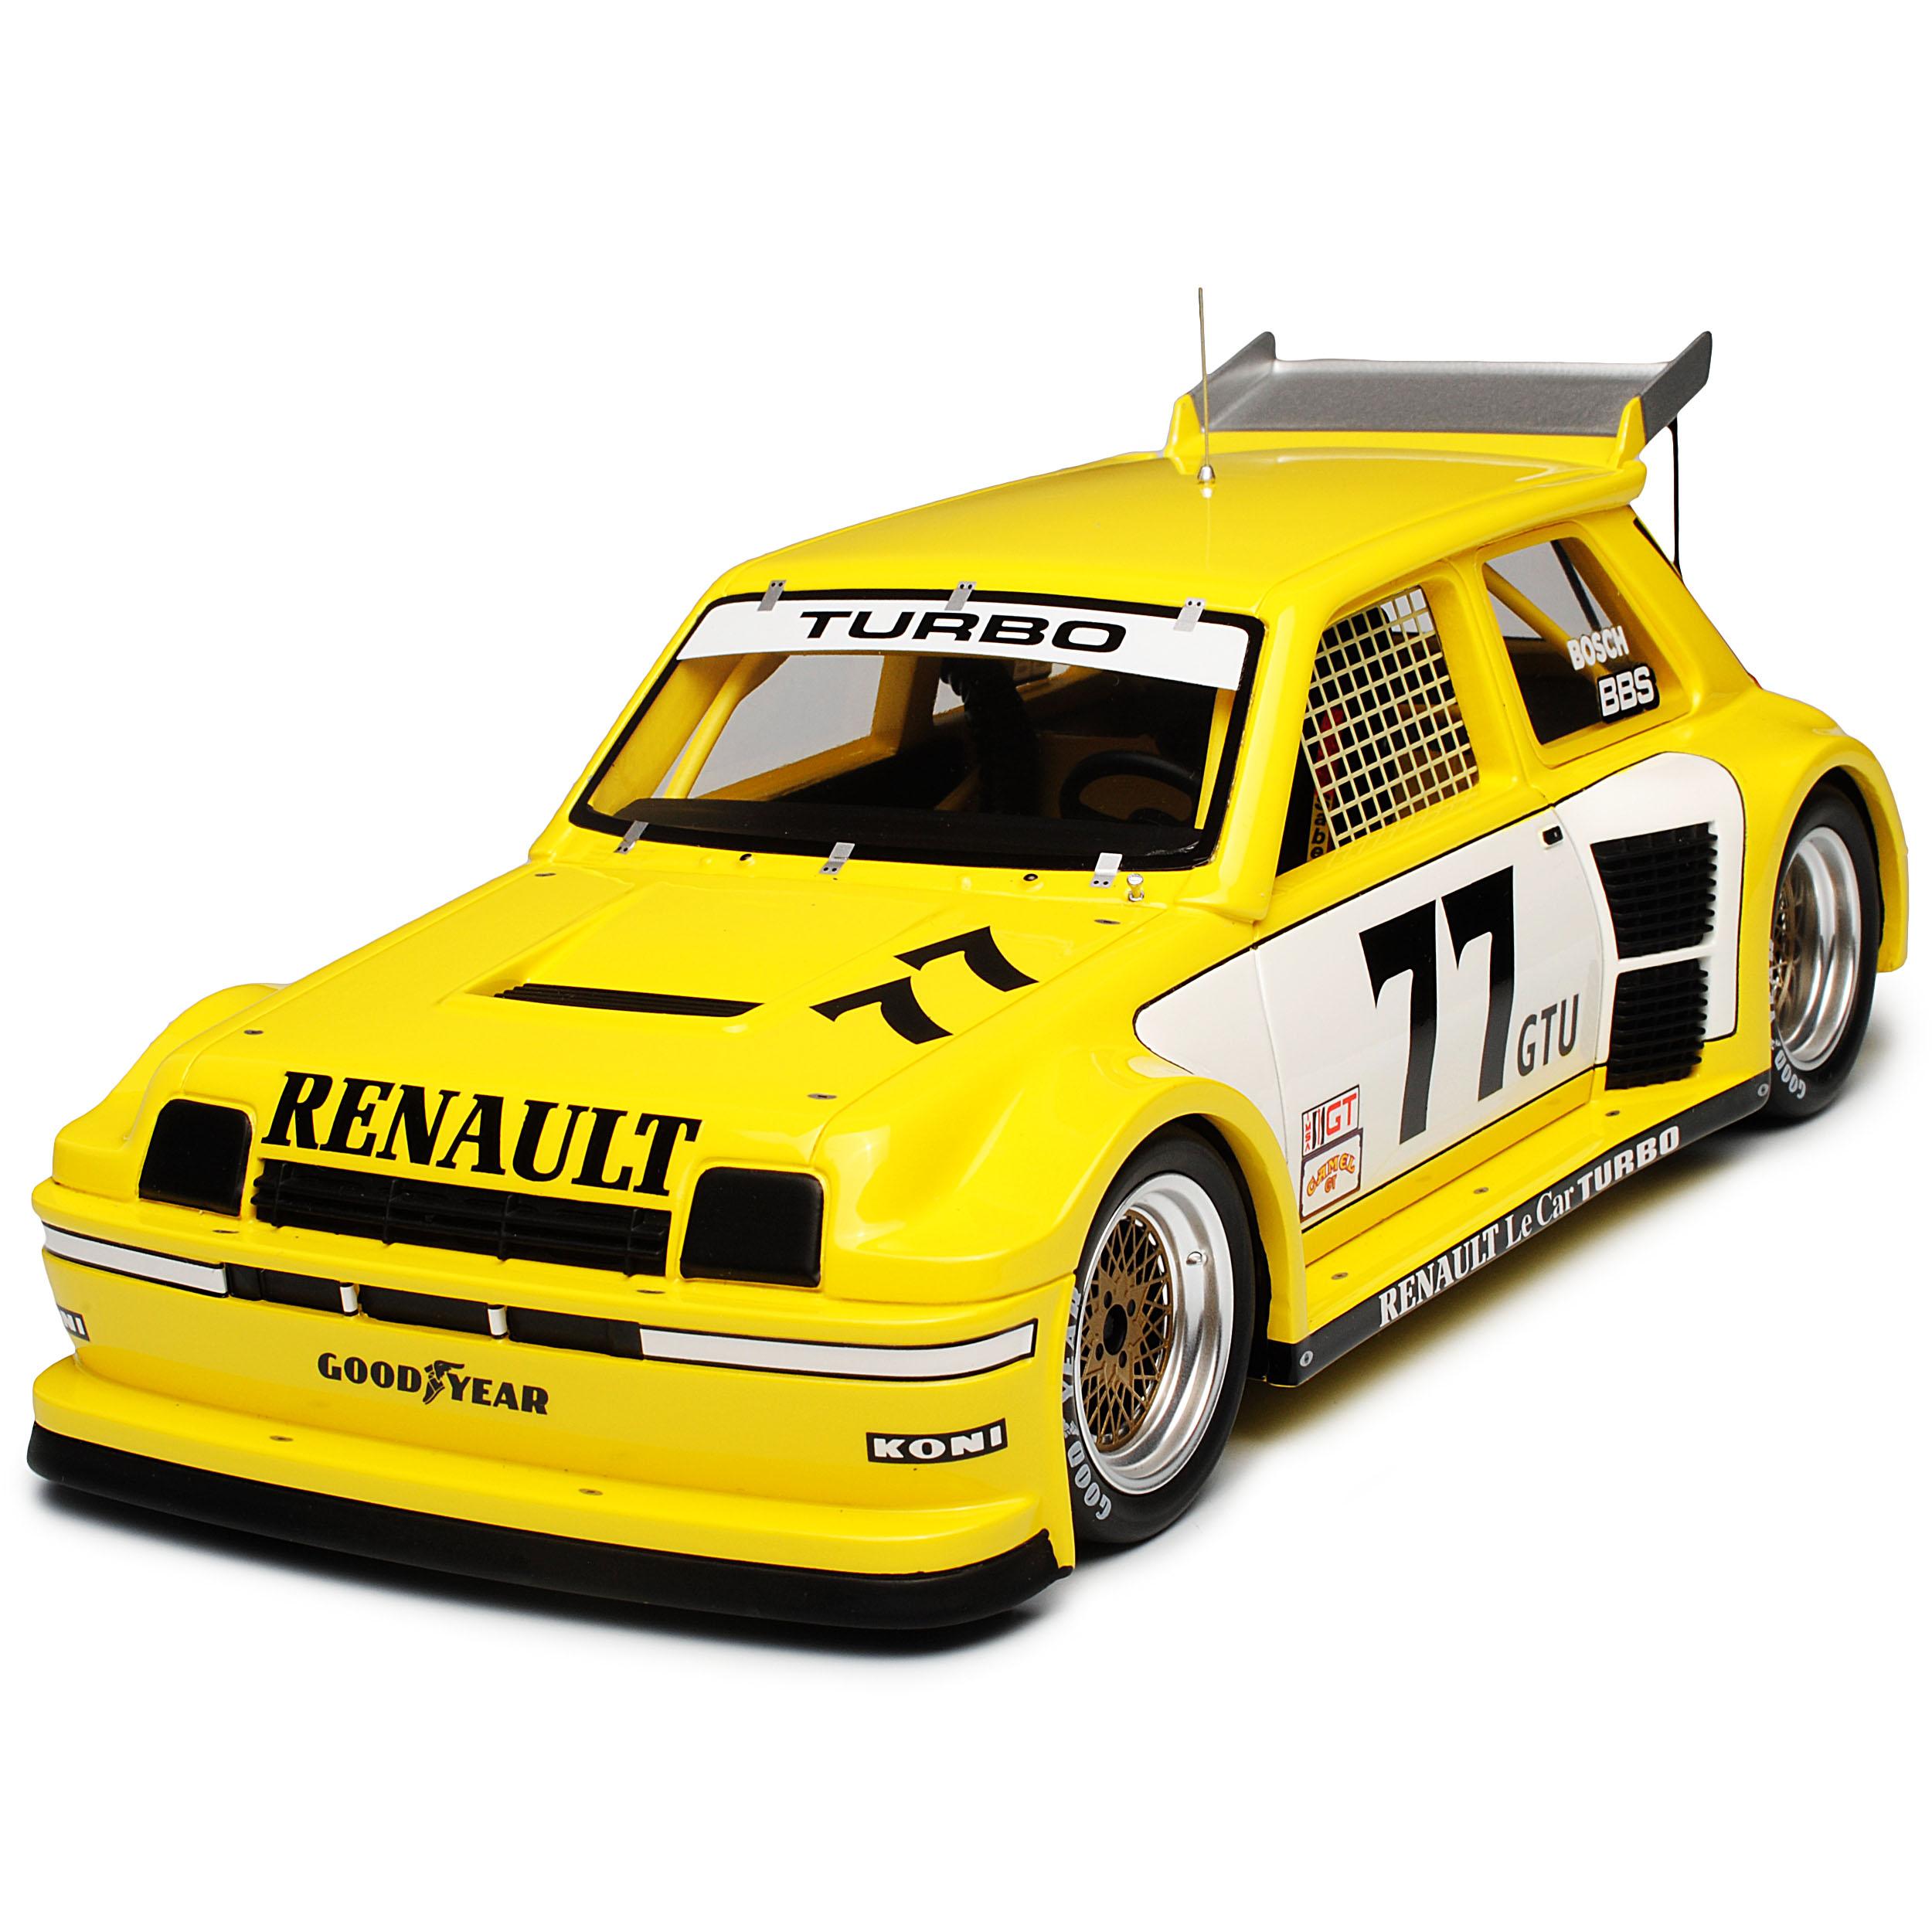 Renault Le Car Turbo IMSA maxi r5 r5 r5 turbo 1981 NR 261 1 18 Otto Modèle voiture avec... 8083f5